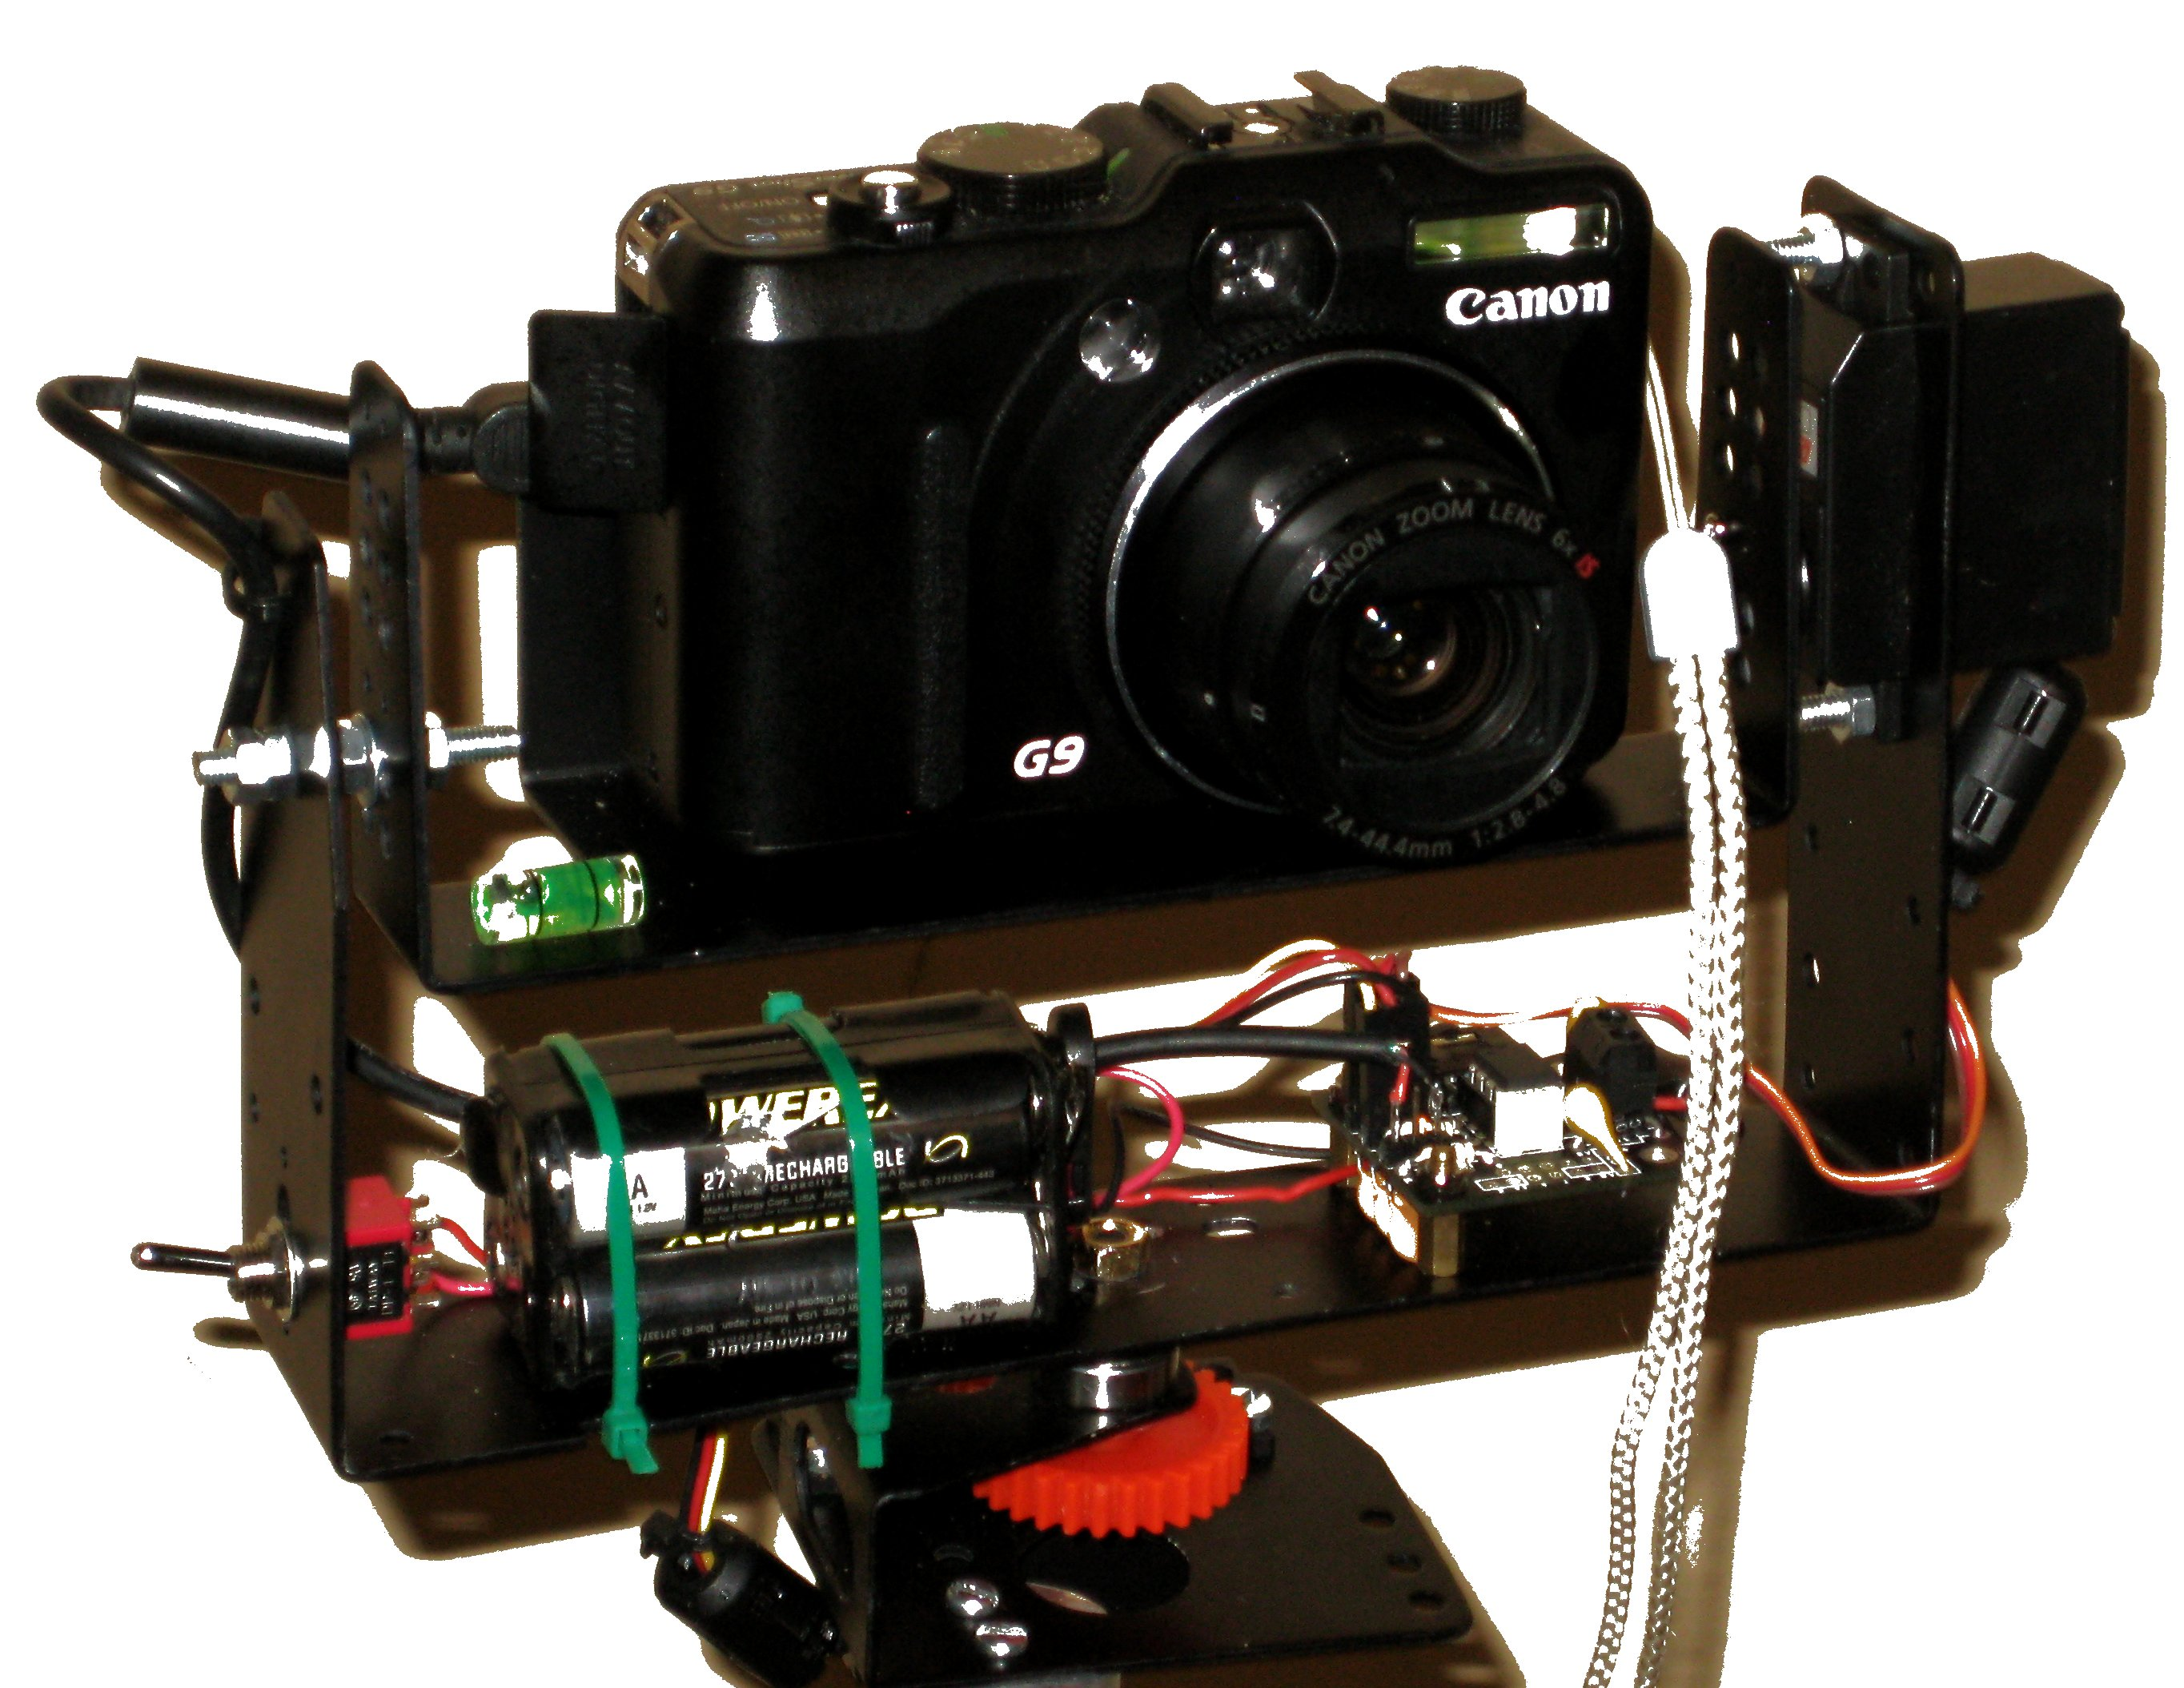 Camera Panorama robot head (panograph)